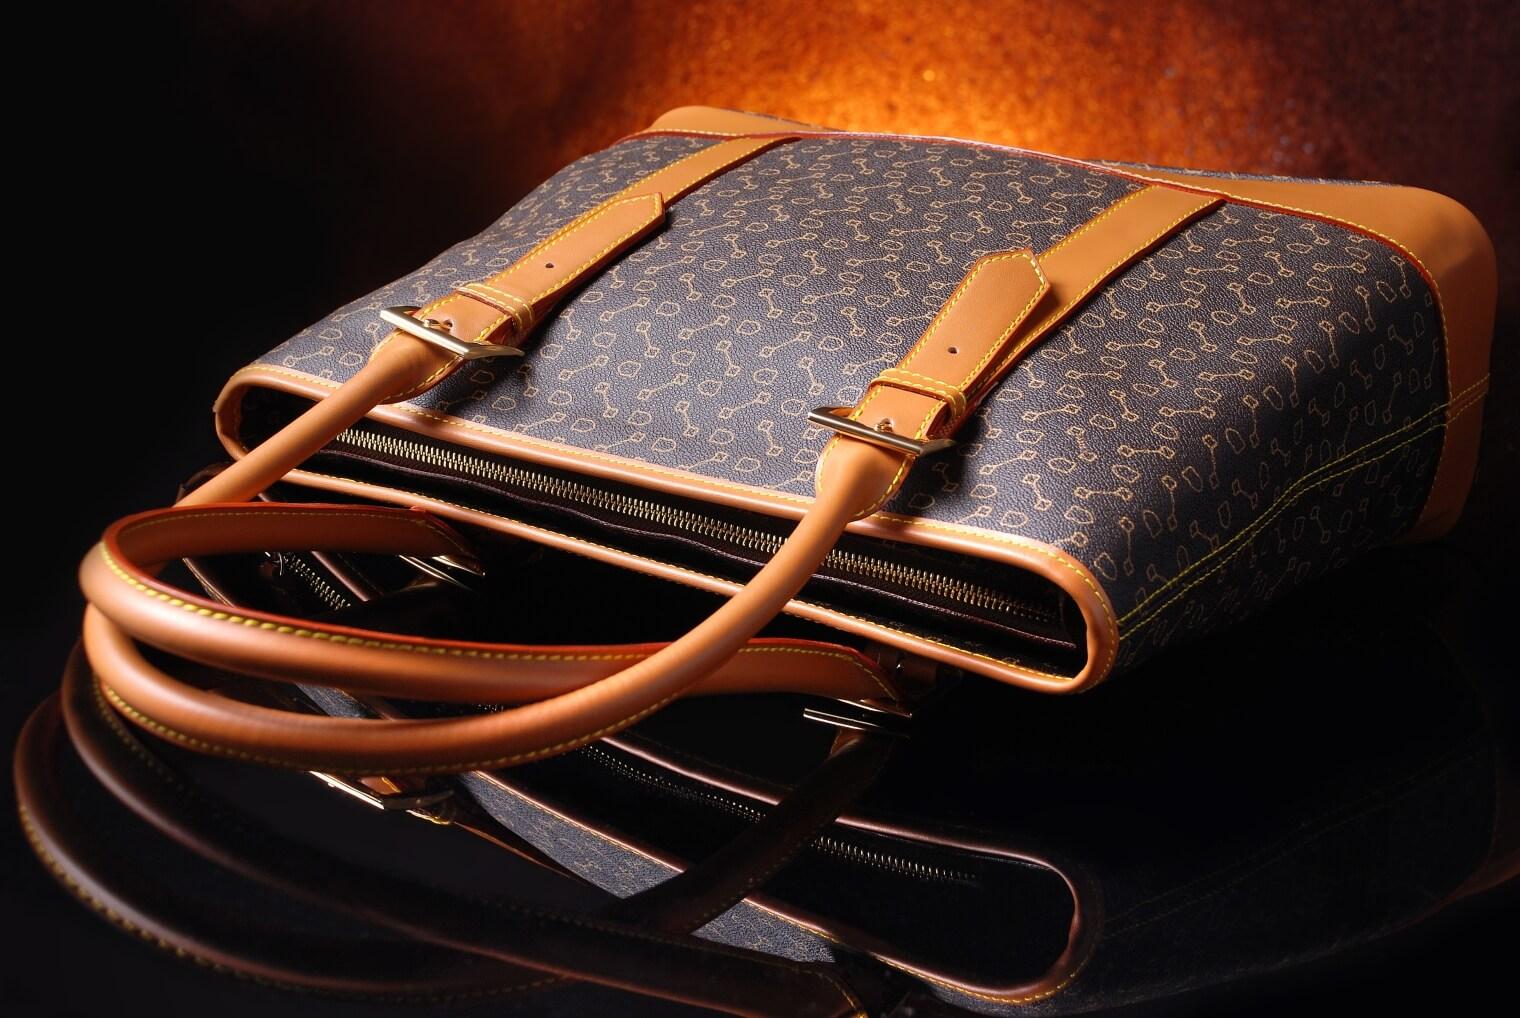 ヴィトンのバッグを保管する時に気を付けたい型崩れ!正しい保管方法とは